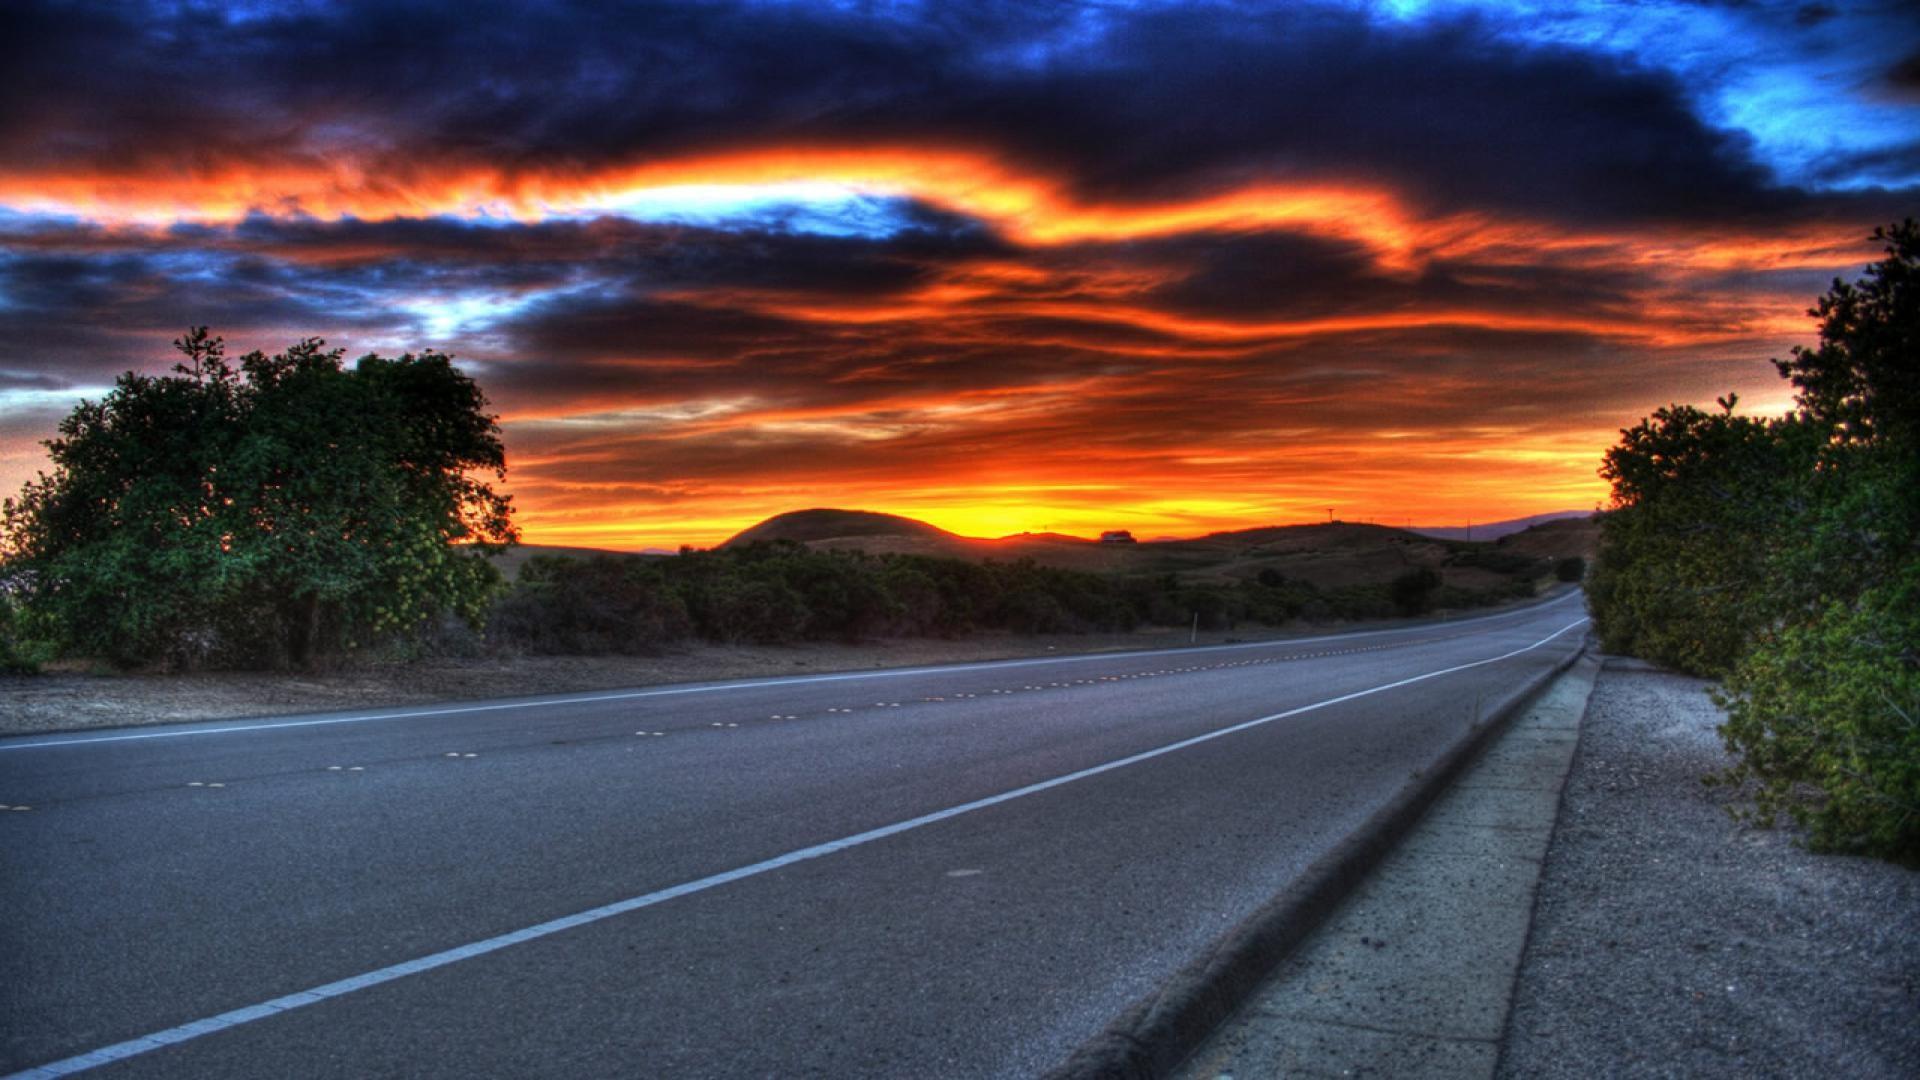 Закат над дорогой смотреть